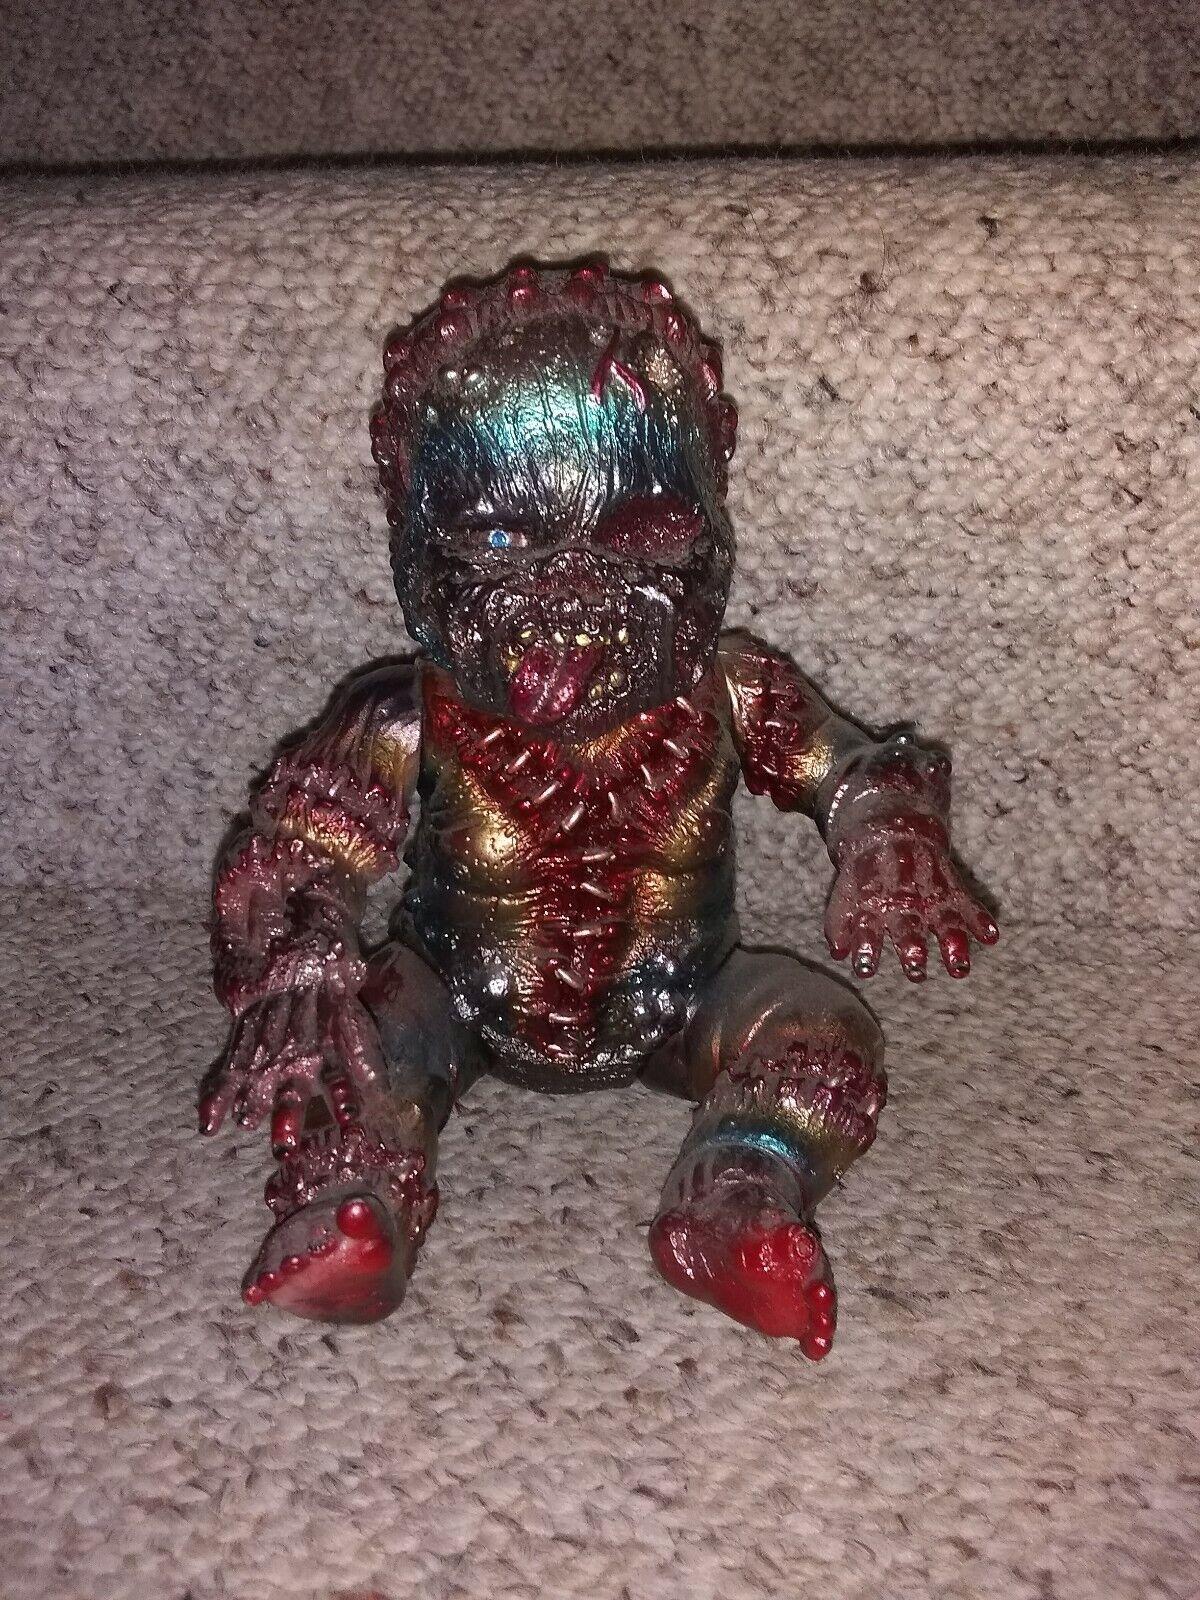 Rare One Off Metallic Mayhem Autopsy Zombie Staple Babie Miscreation X SWARMM